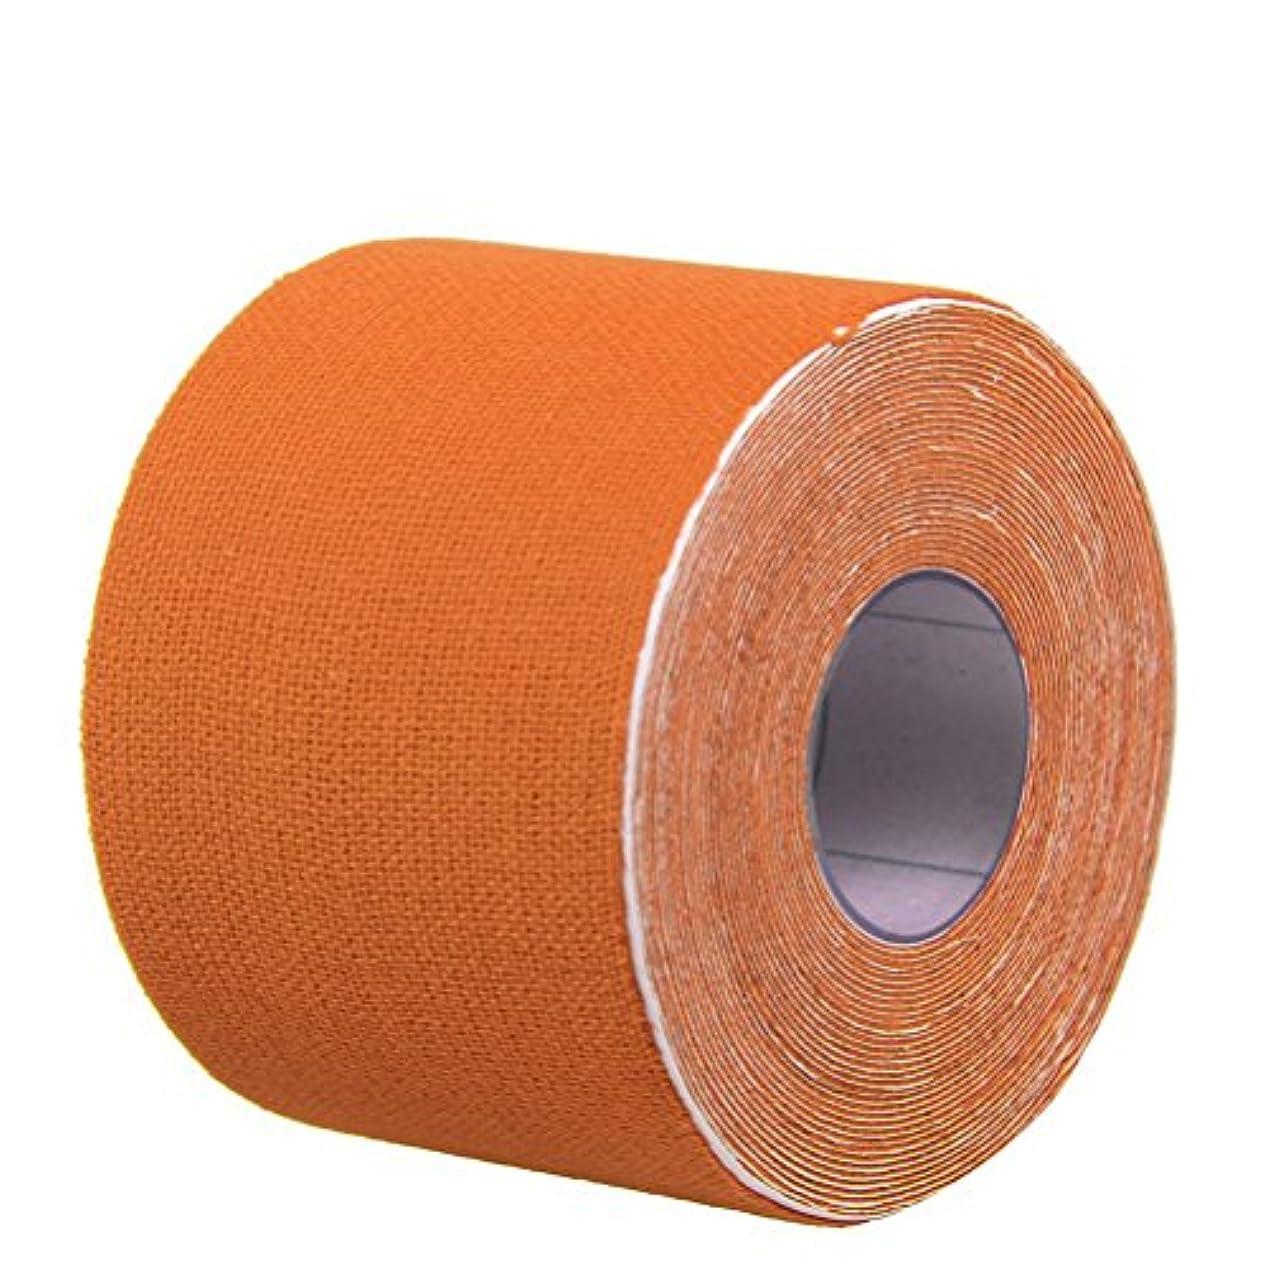 エンドテーブルモール暴徒ROSENICE キネシオロジーテープセットセラピースポーツフィジオセラピー500x2.5cm(オレンジ)